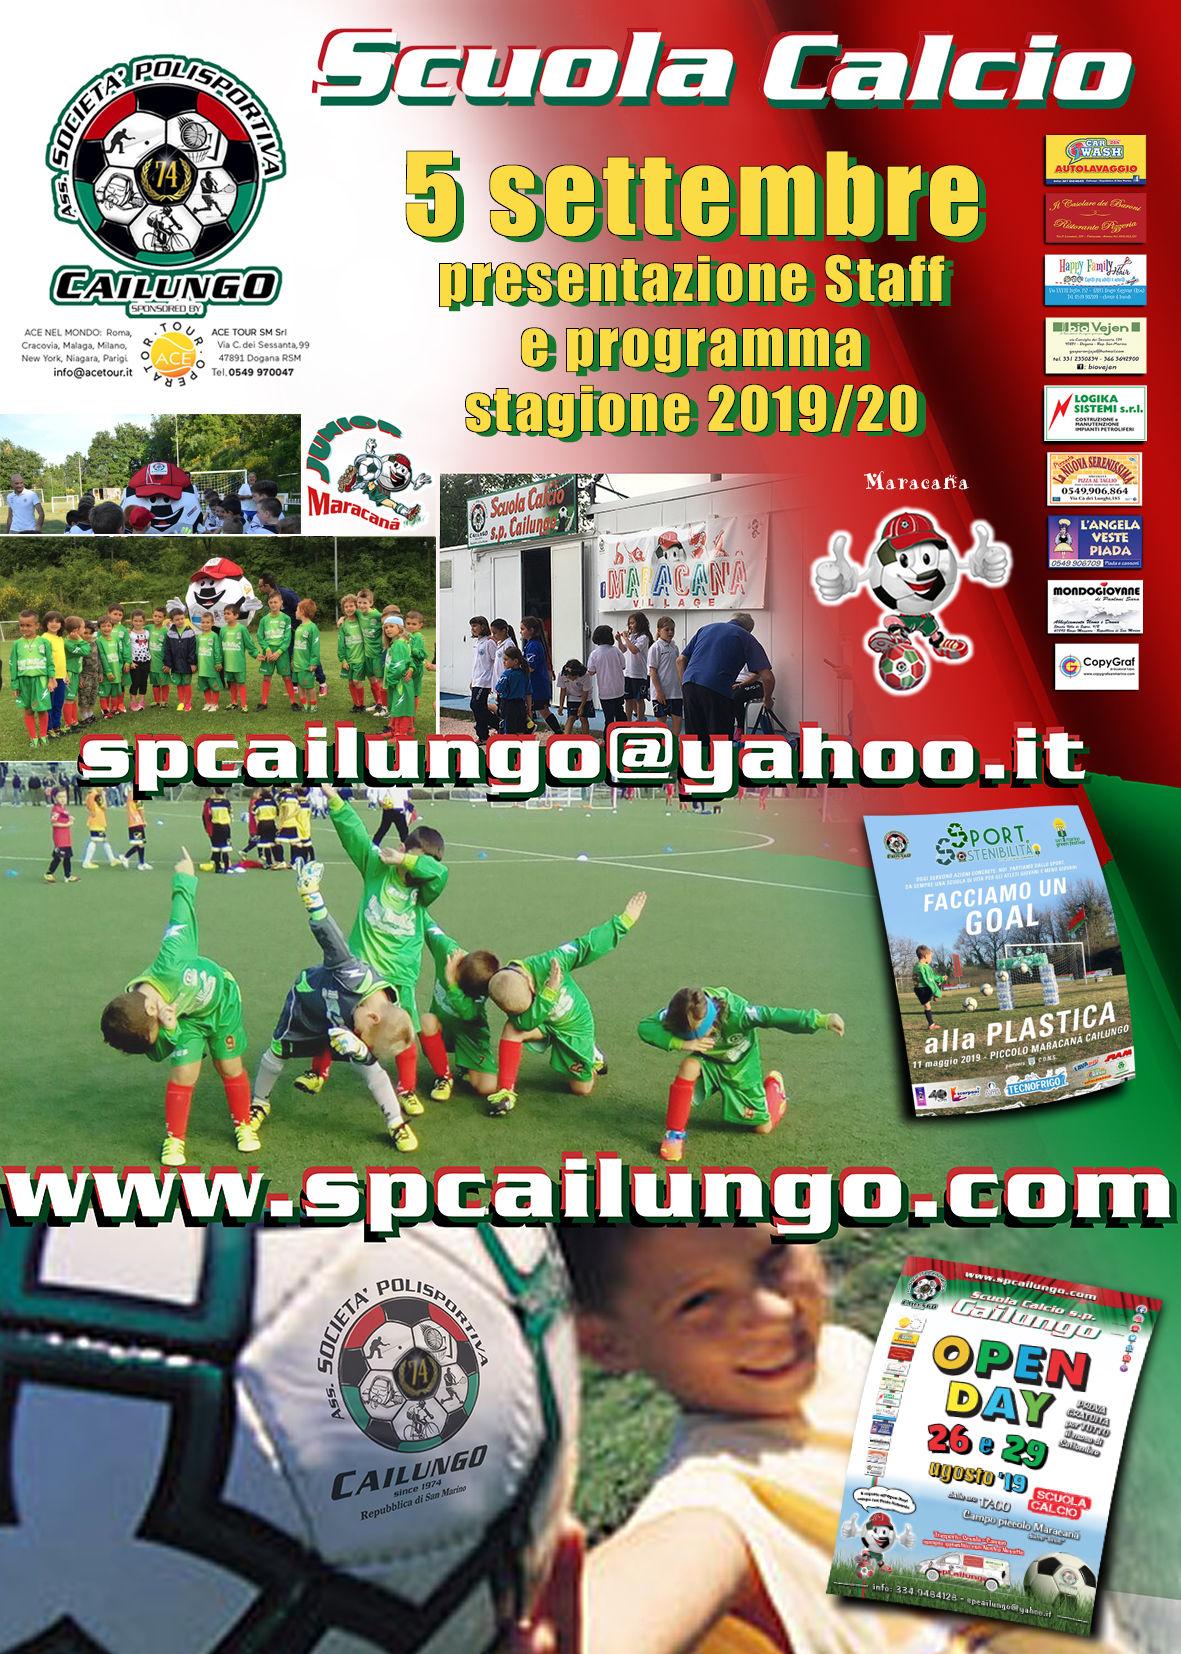 Presentazione Staff 5 Settembre 19 Scuola calcio sp Cailungo